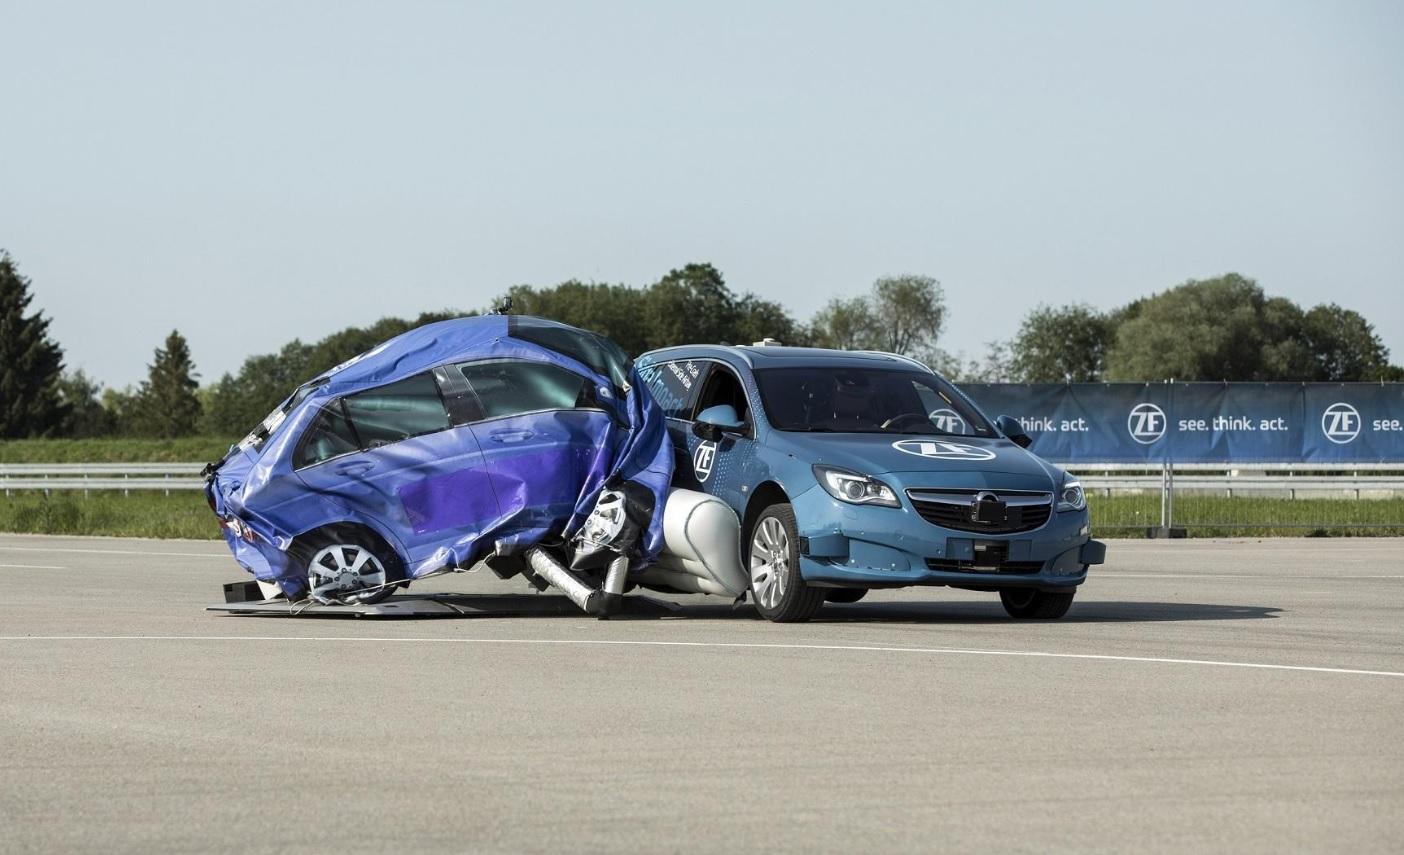 Airbagy nemusí chránit jen posádku, ale isamotné auto